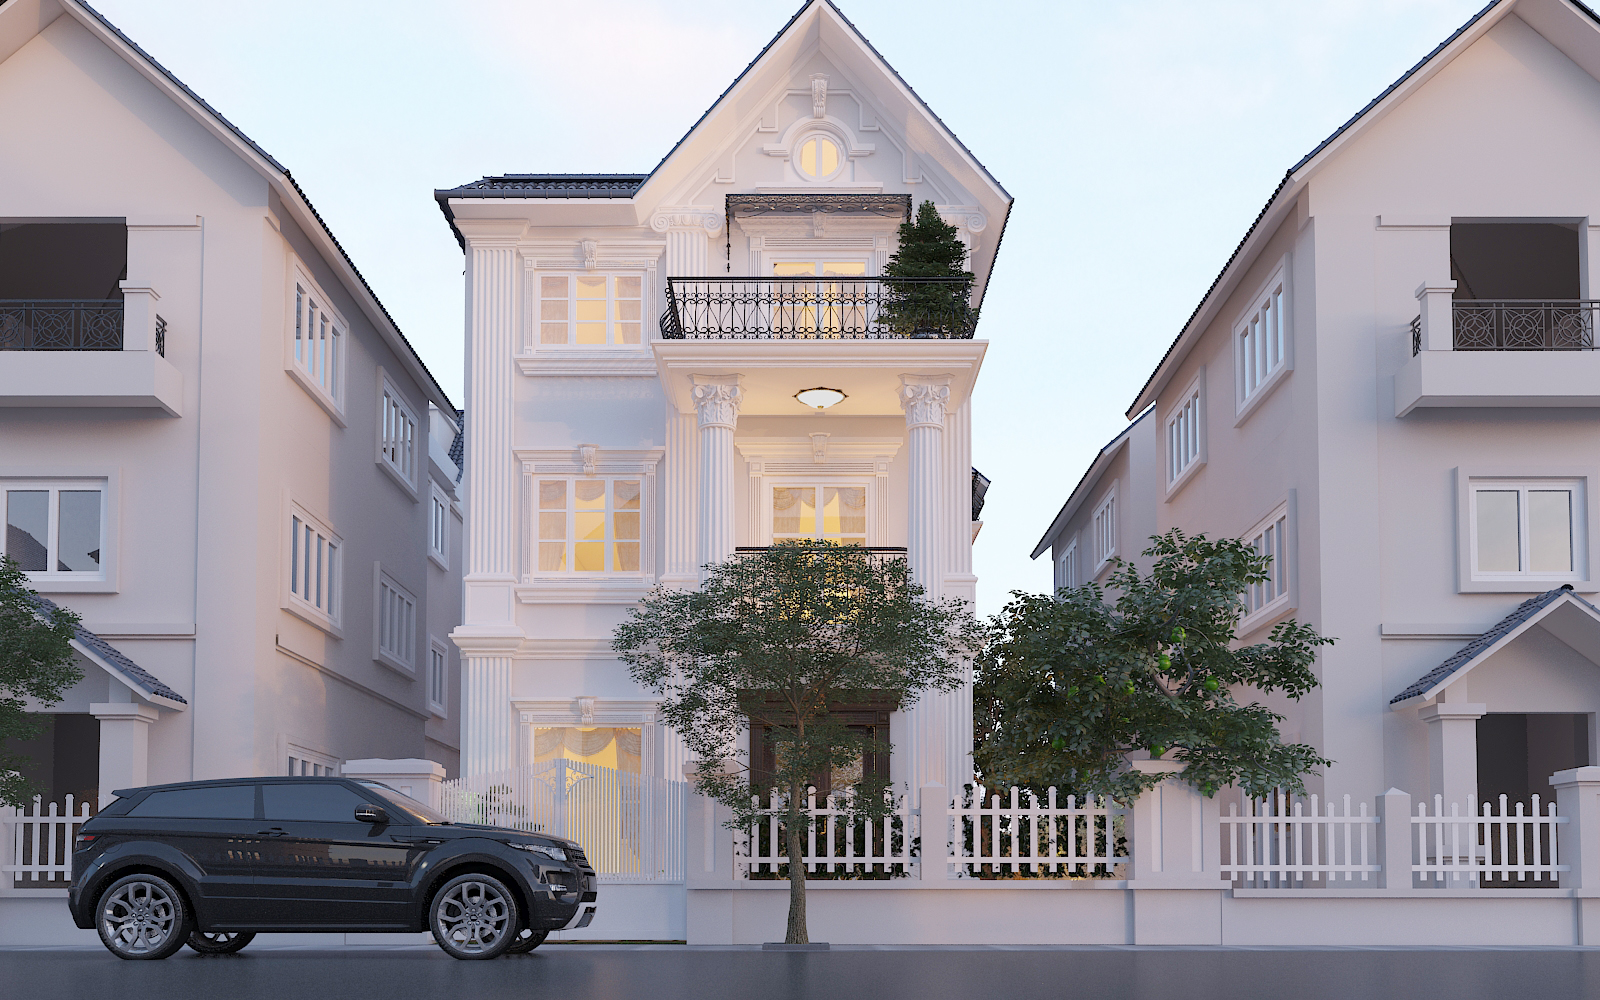 thiết kế nội thất Biệt Thự tại Hà Nội bt Vinhomes - riverside 3 1568276255